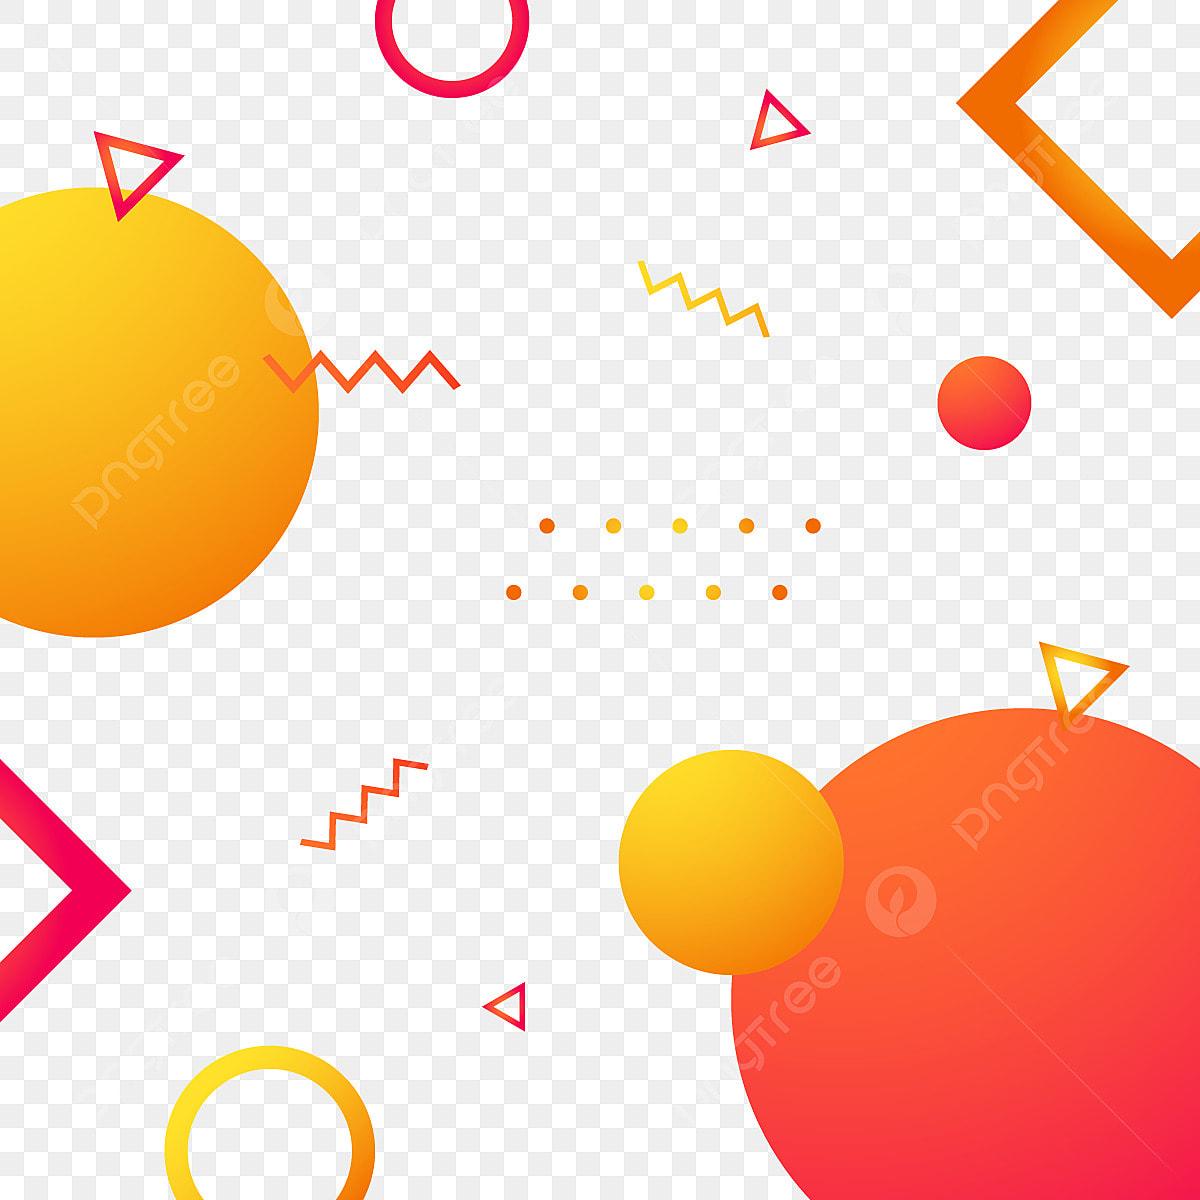 ensembles des gradients avec des formes g u00e9om u00e9triques de couleur moyenne g u00e9om u00e9trique les formes